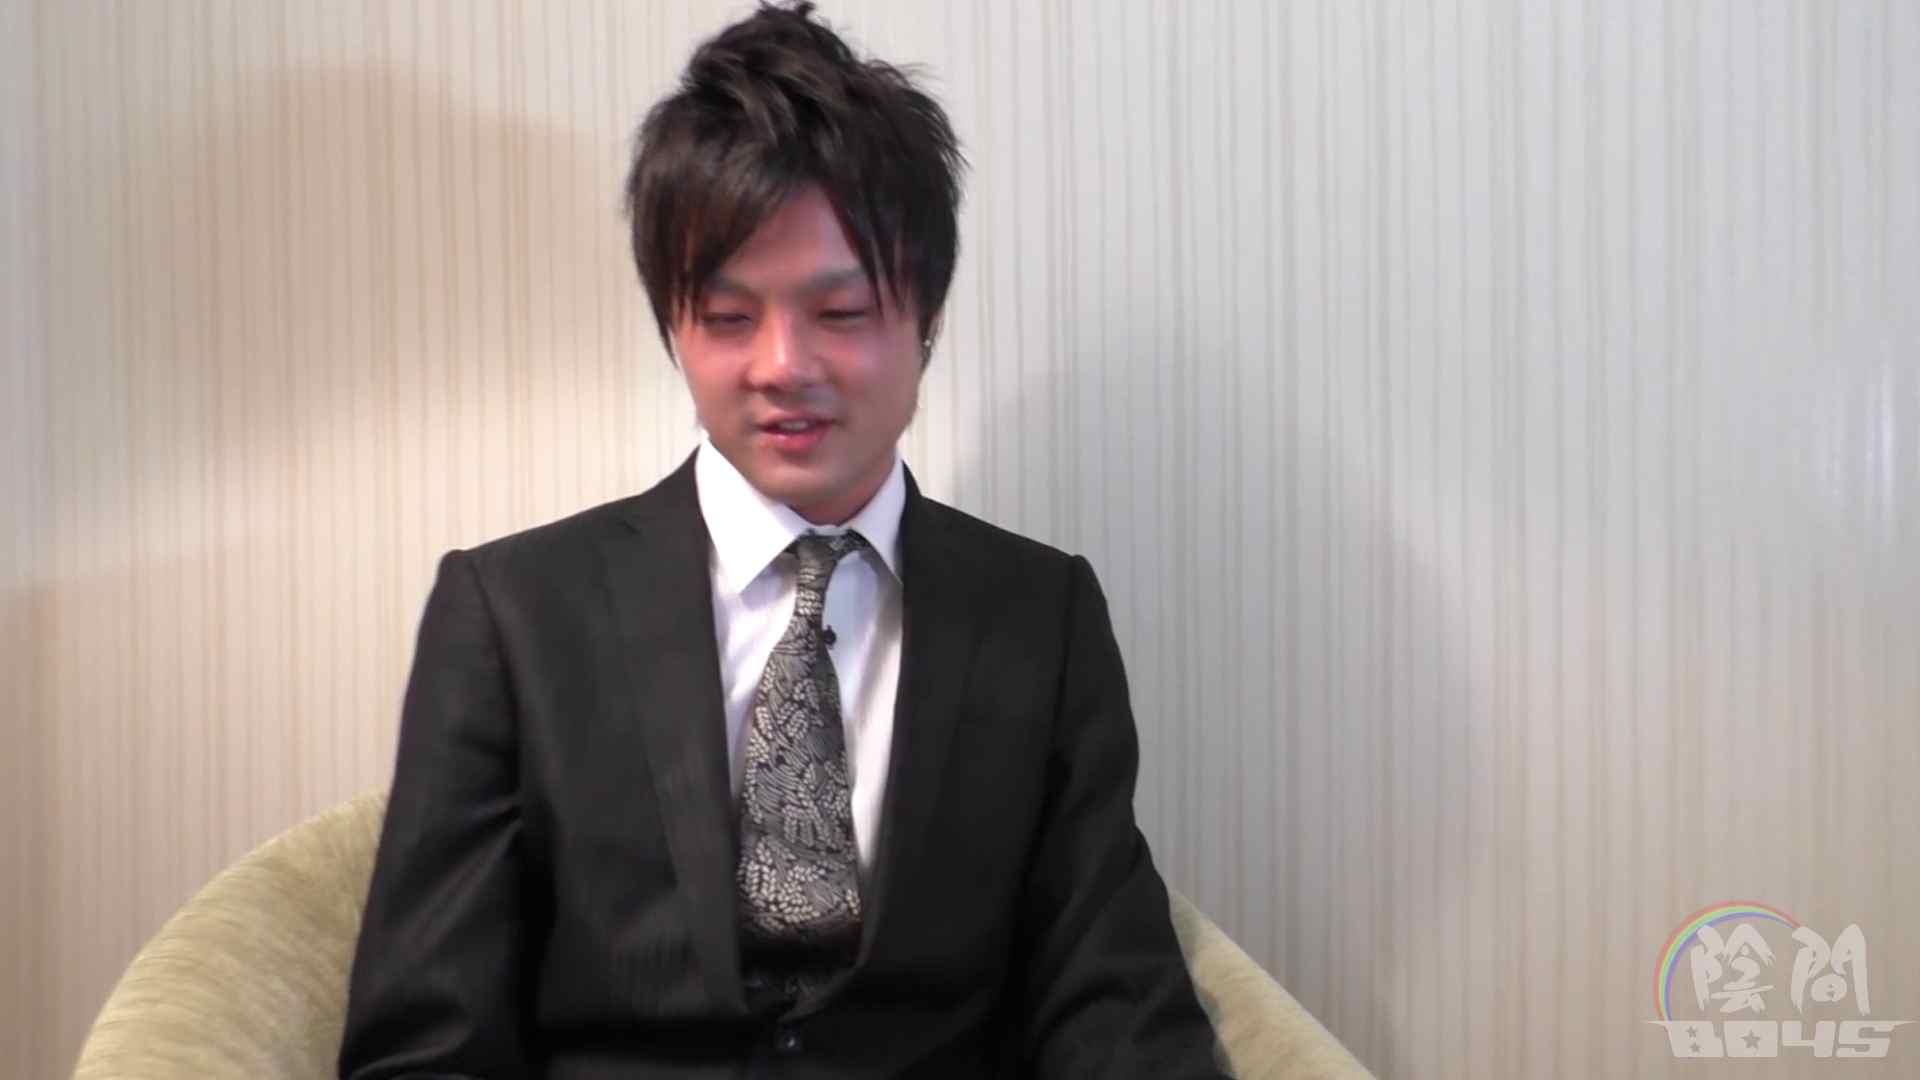 """キャバクラの仕事は""""アナル""""から1 Vol.03 イメージ (sex) 男同士動画 104枚 69"""